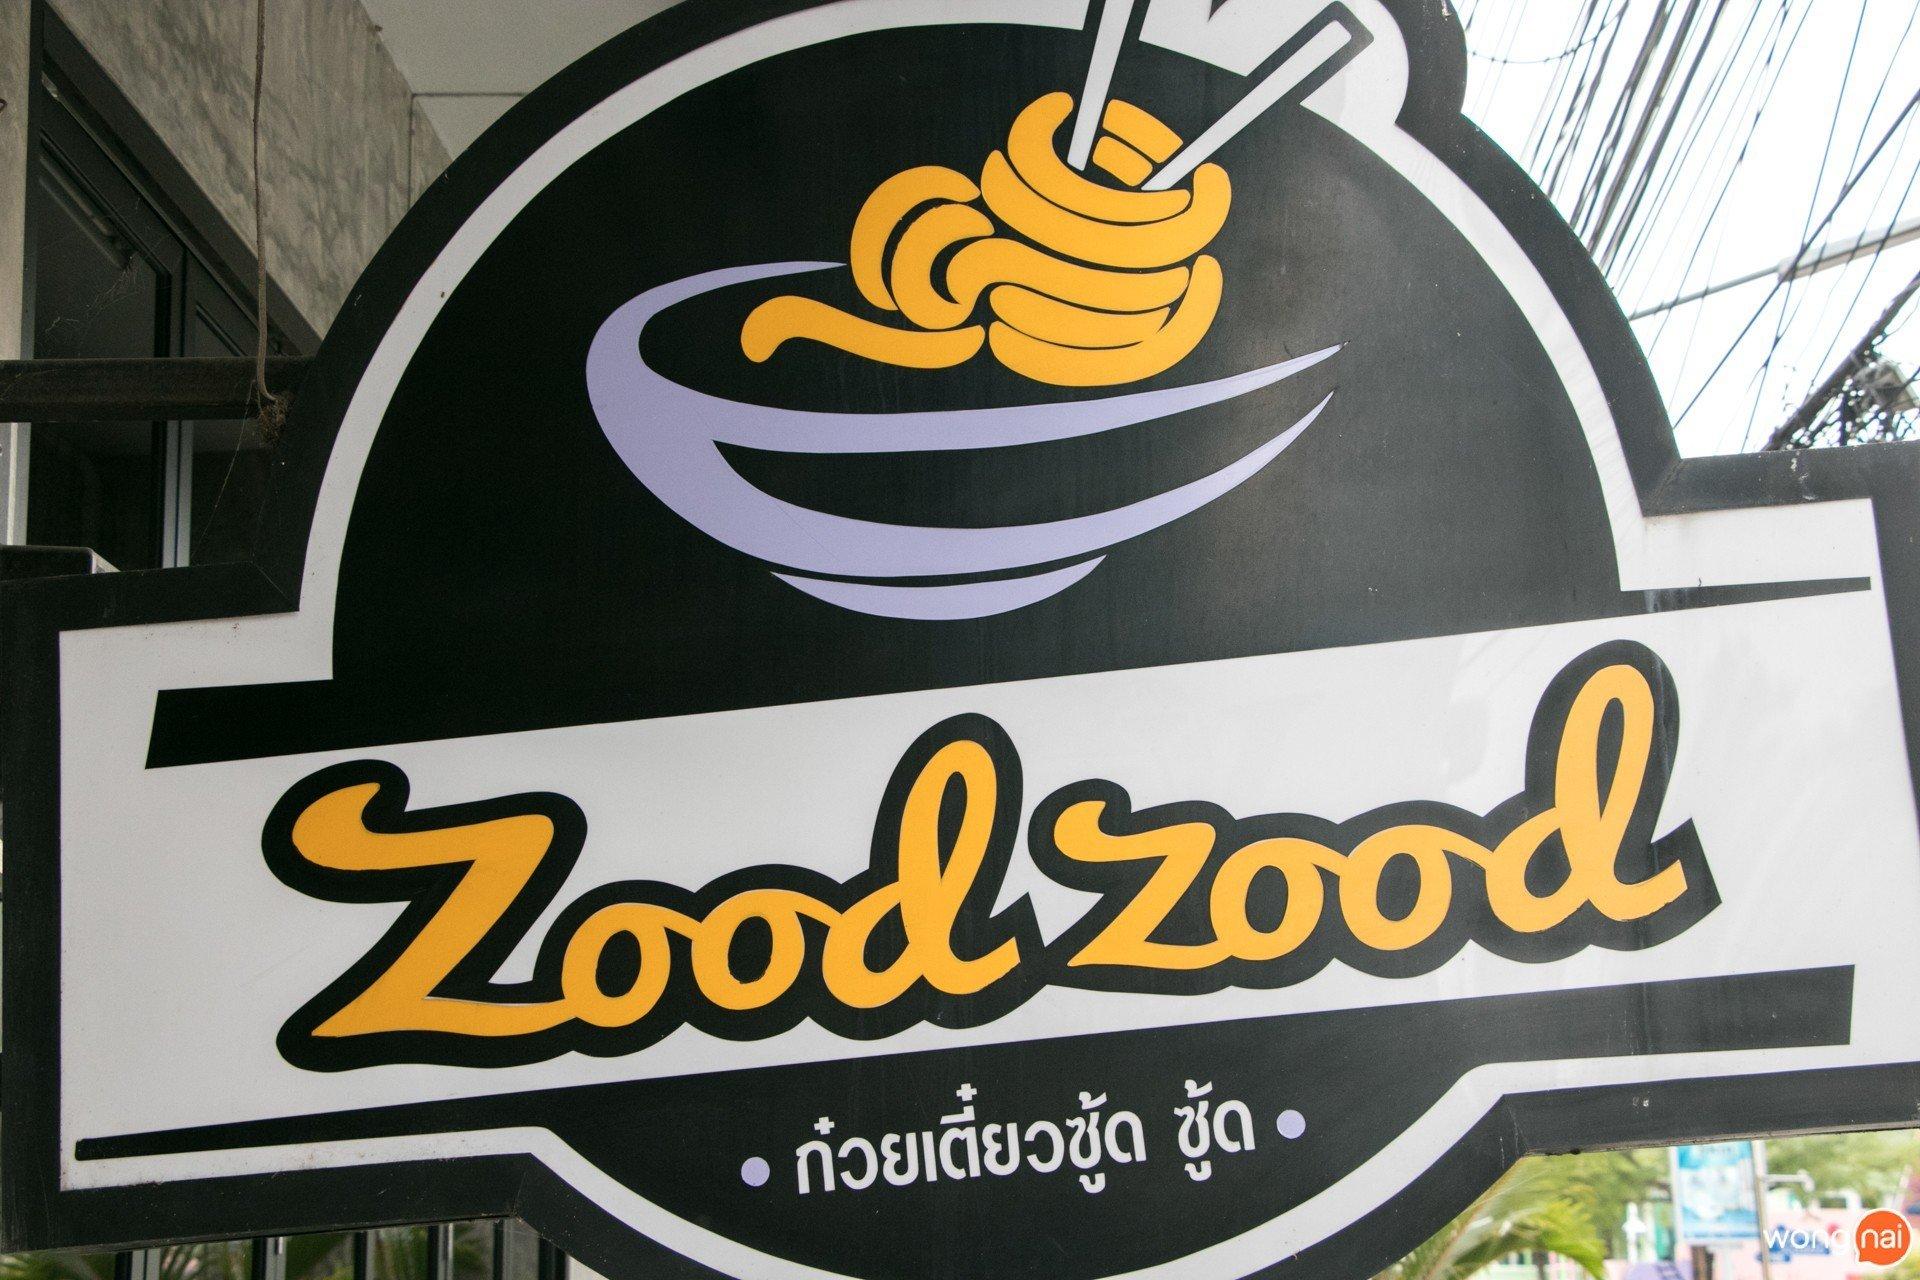 ร้าน Zood zood นิมมาน เชียงใหม่